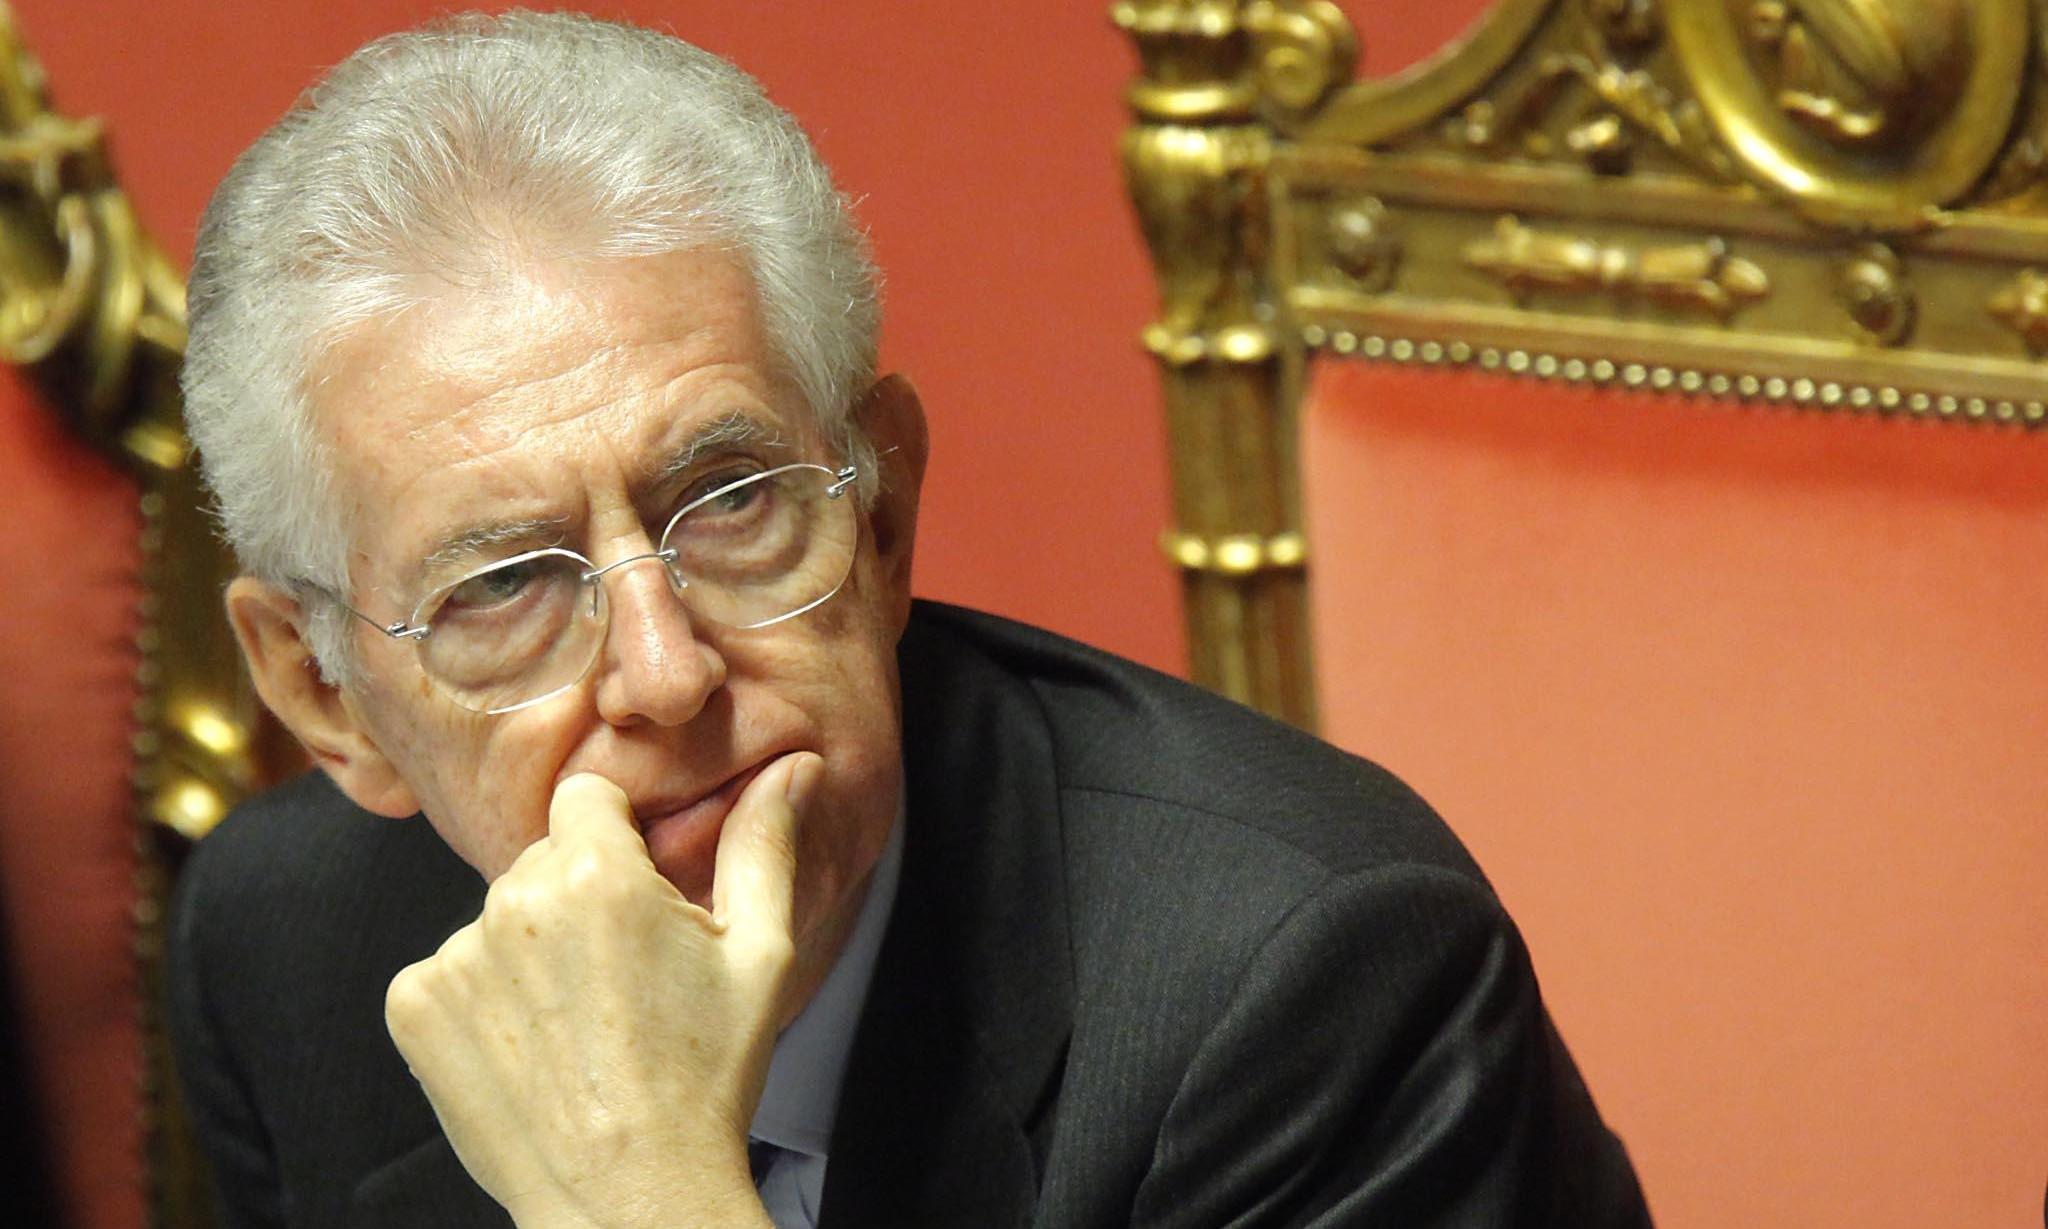 Giuramento degli allievi della Gdf: Monti applaudito dalla folla e contestato da Lega e da Paci Paciana